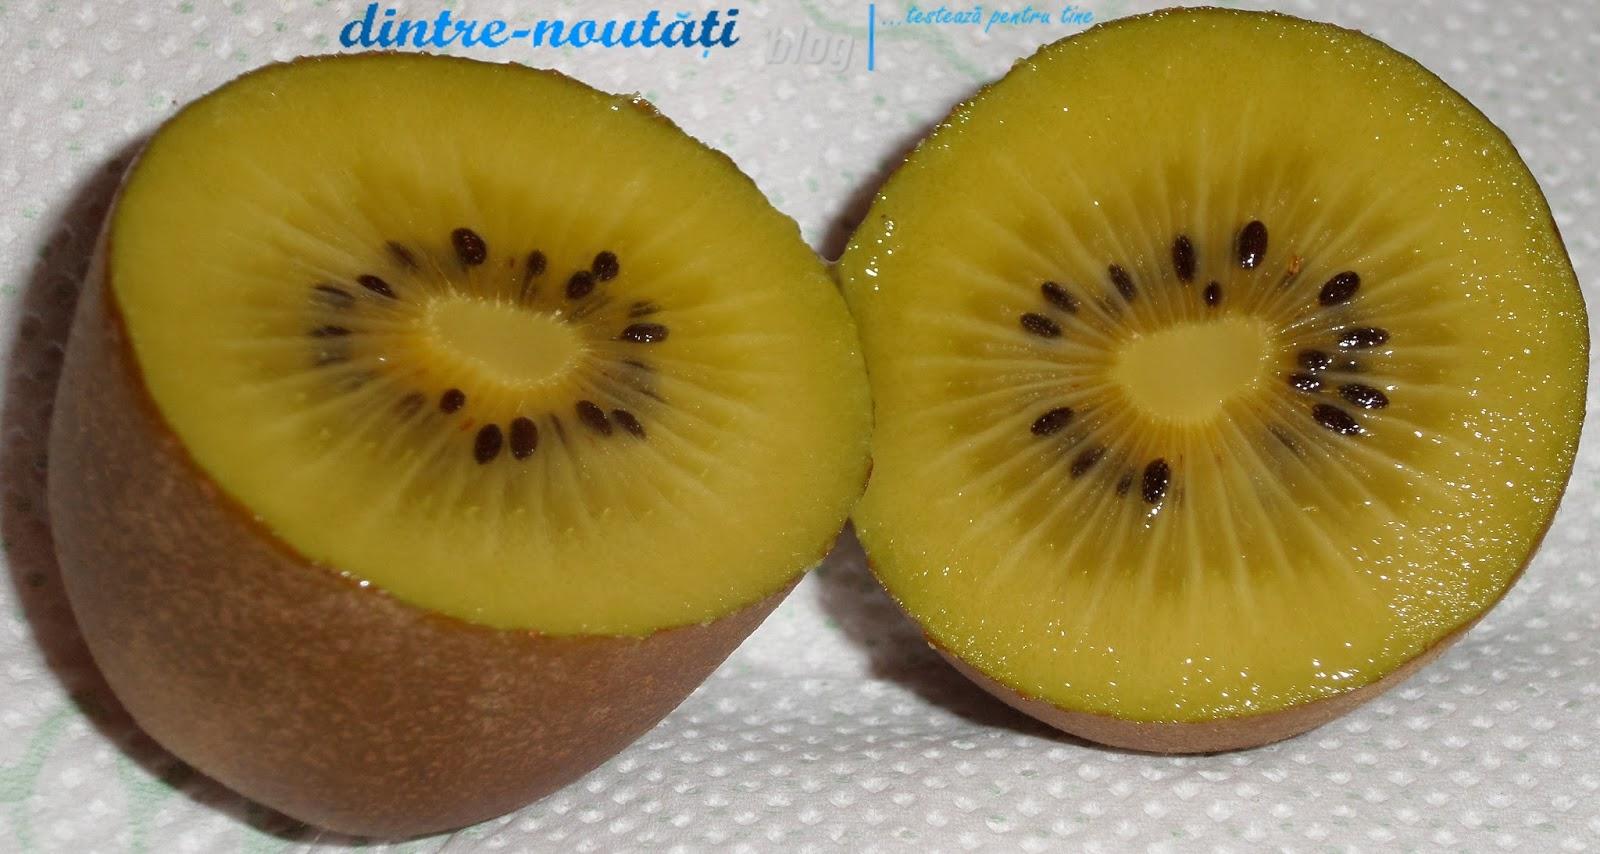 cum arata kiwi gold